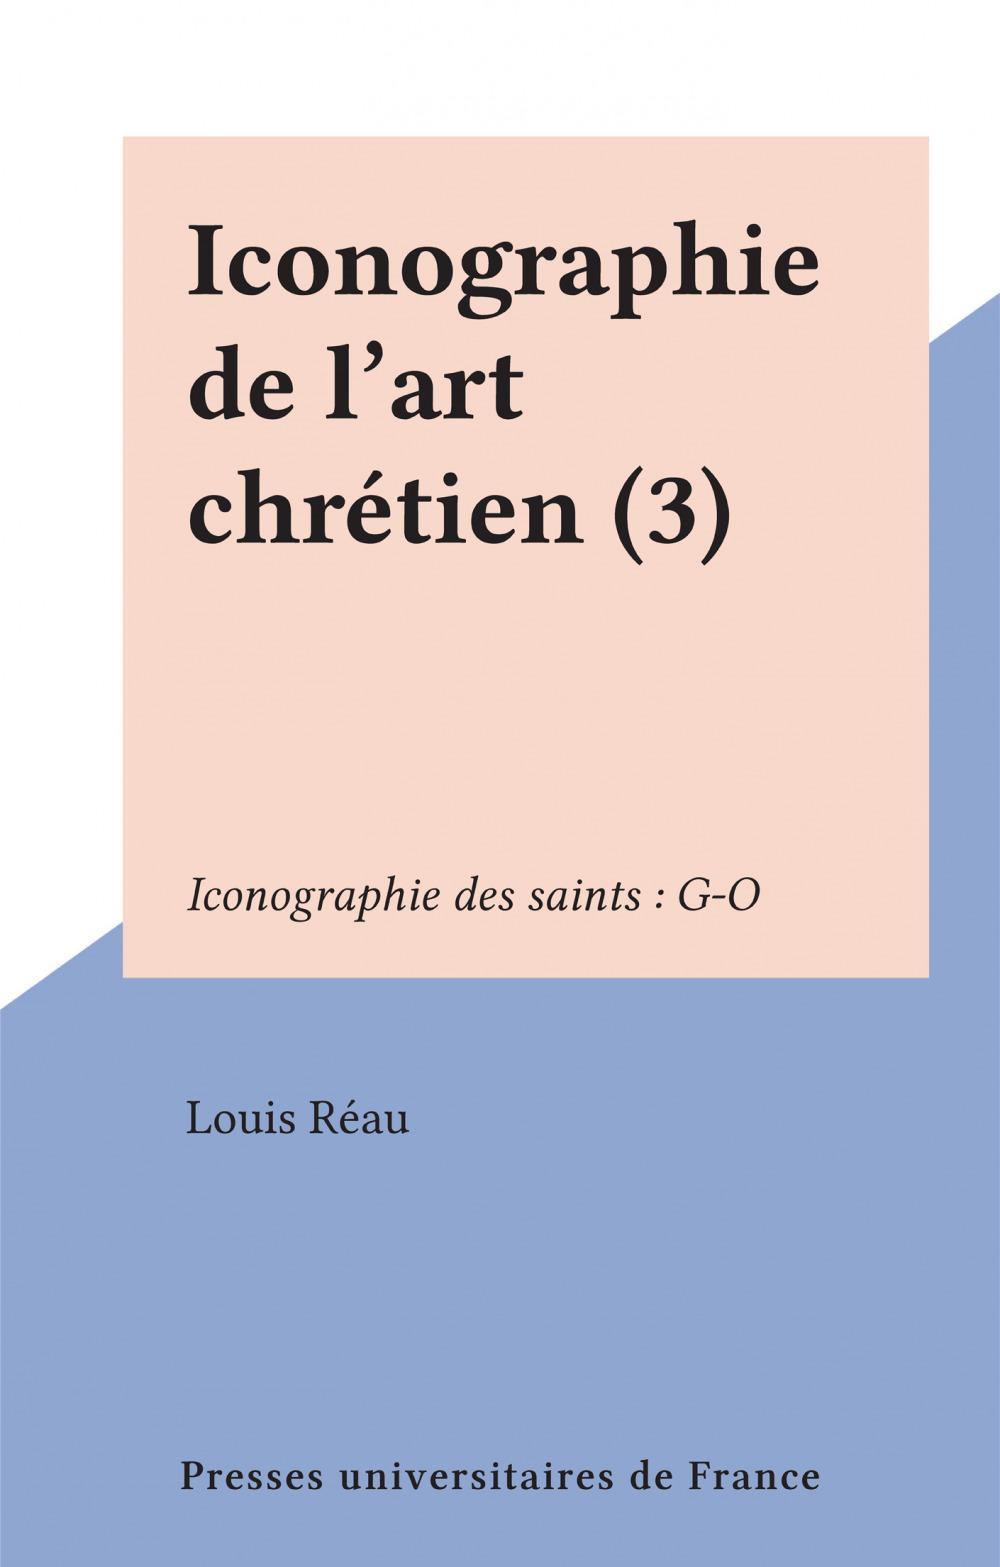 Iconographie de l'art chrétien (3)  - Louis Réau